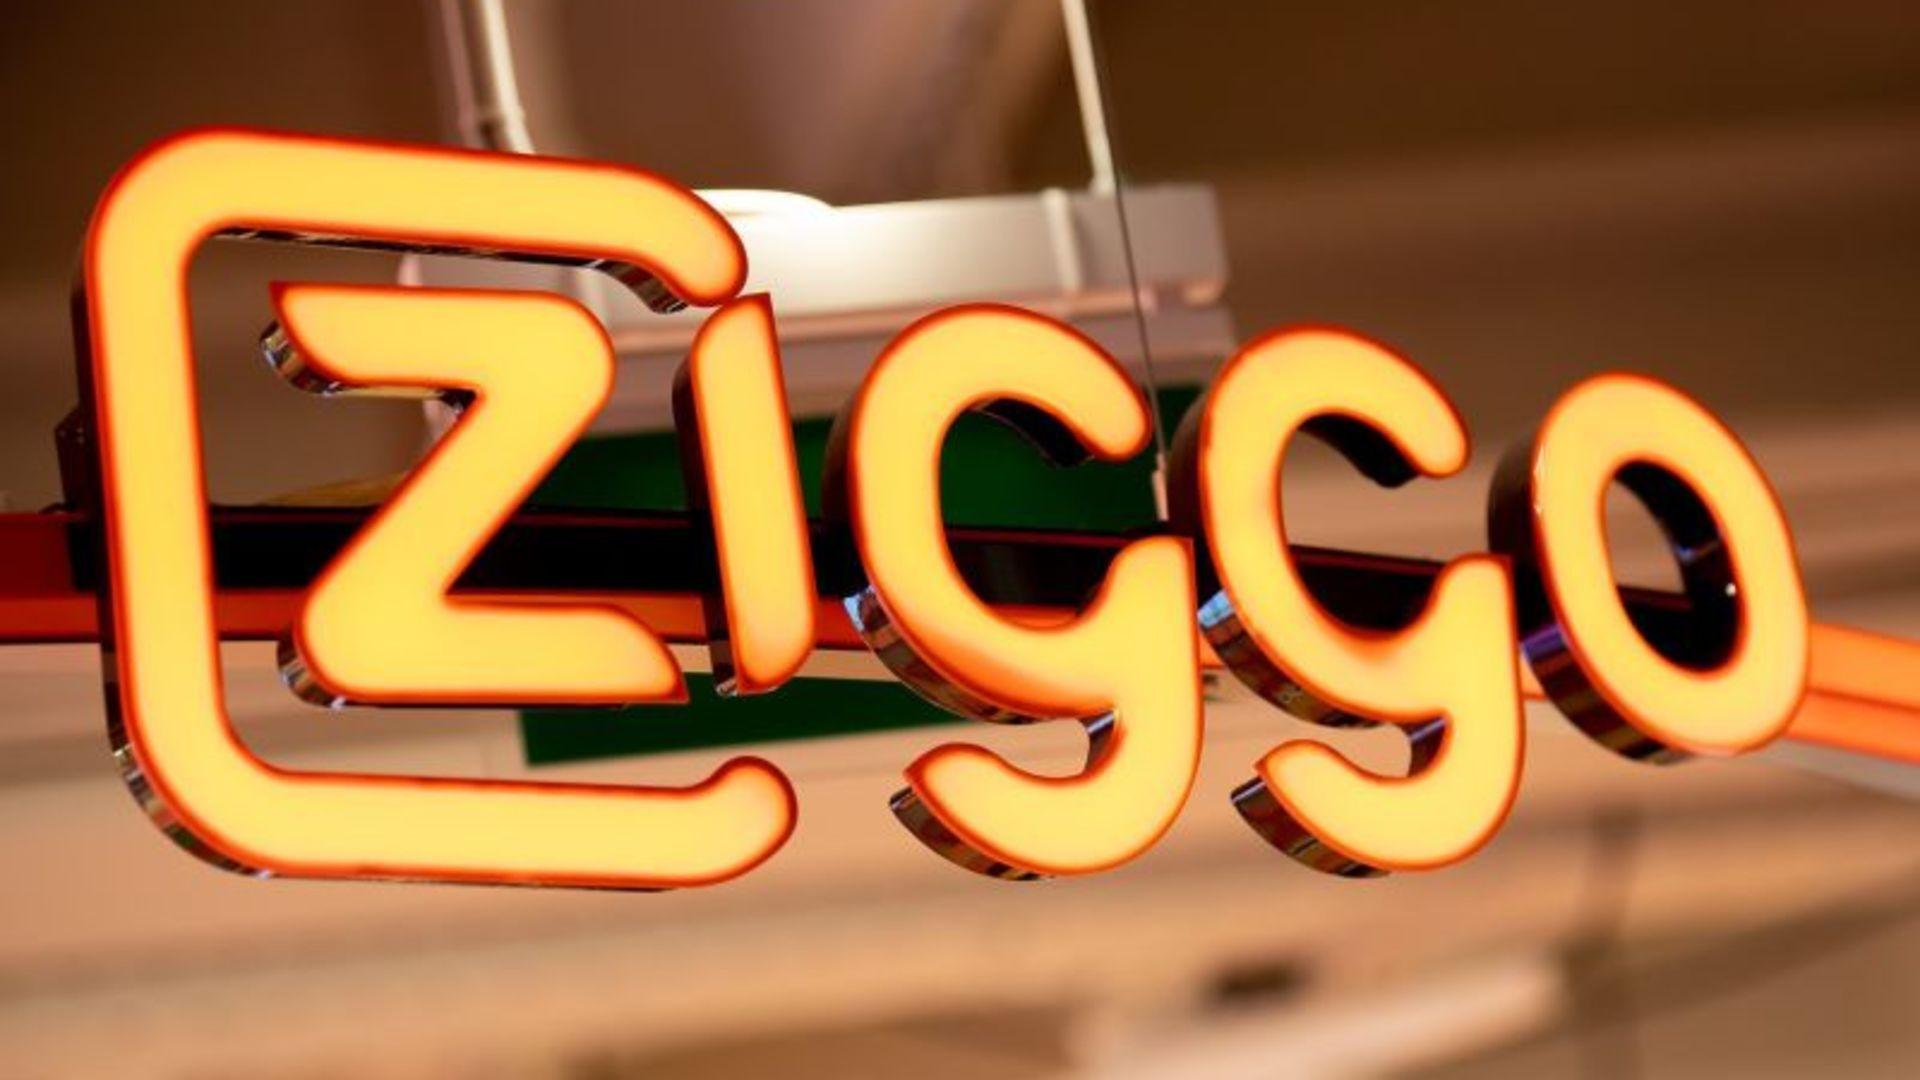 Ziggo verhoogt maandbedrag abonnees met twee euro